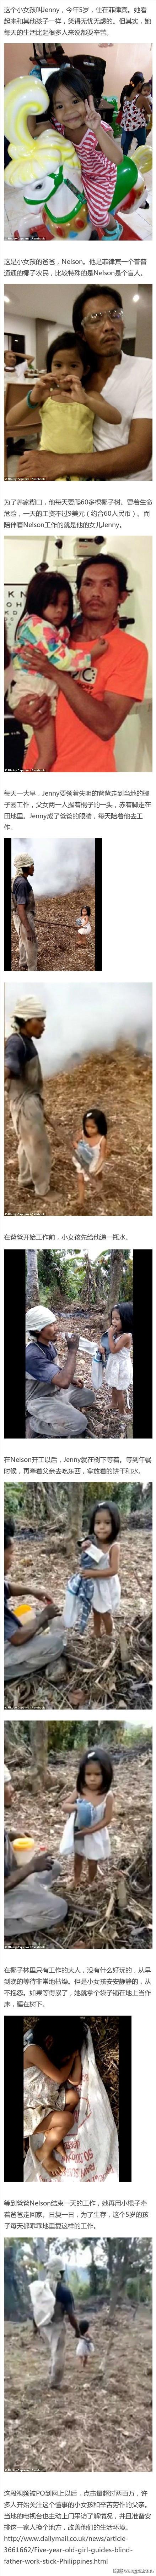 菲律宾5岁的小姑娘每天用陪着失明的爸爸去椰子林工作